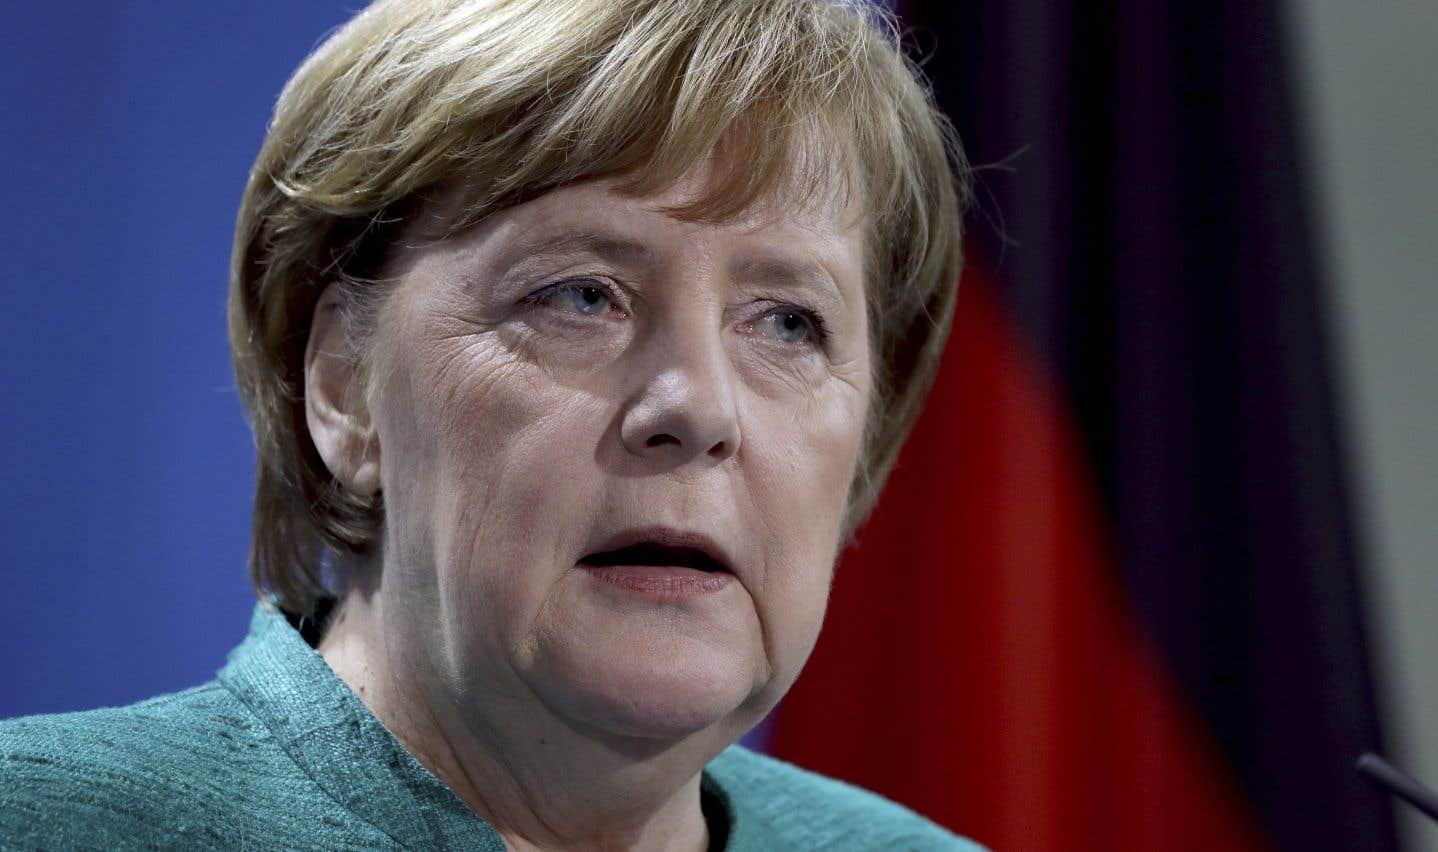 La chancelière allemande, Angela Merkel,était déjà fragilisée dans le pays à la suite du mécontentement suscité dans l'opinion par l'arrivée de plus d'un million de migrants depuis 2015.